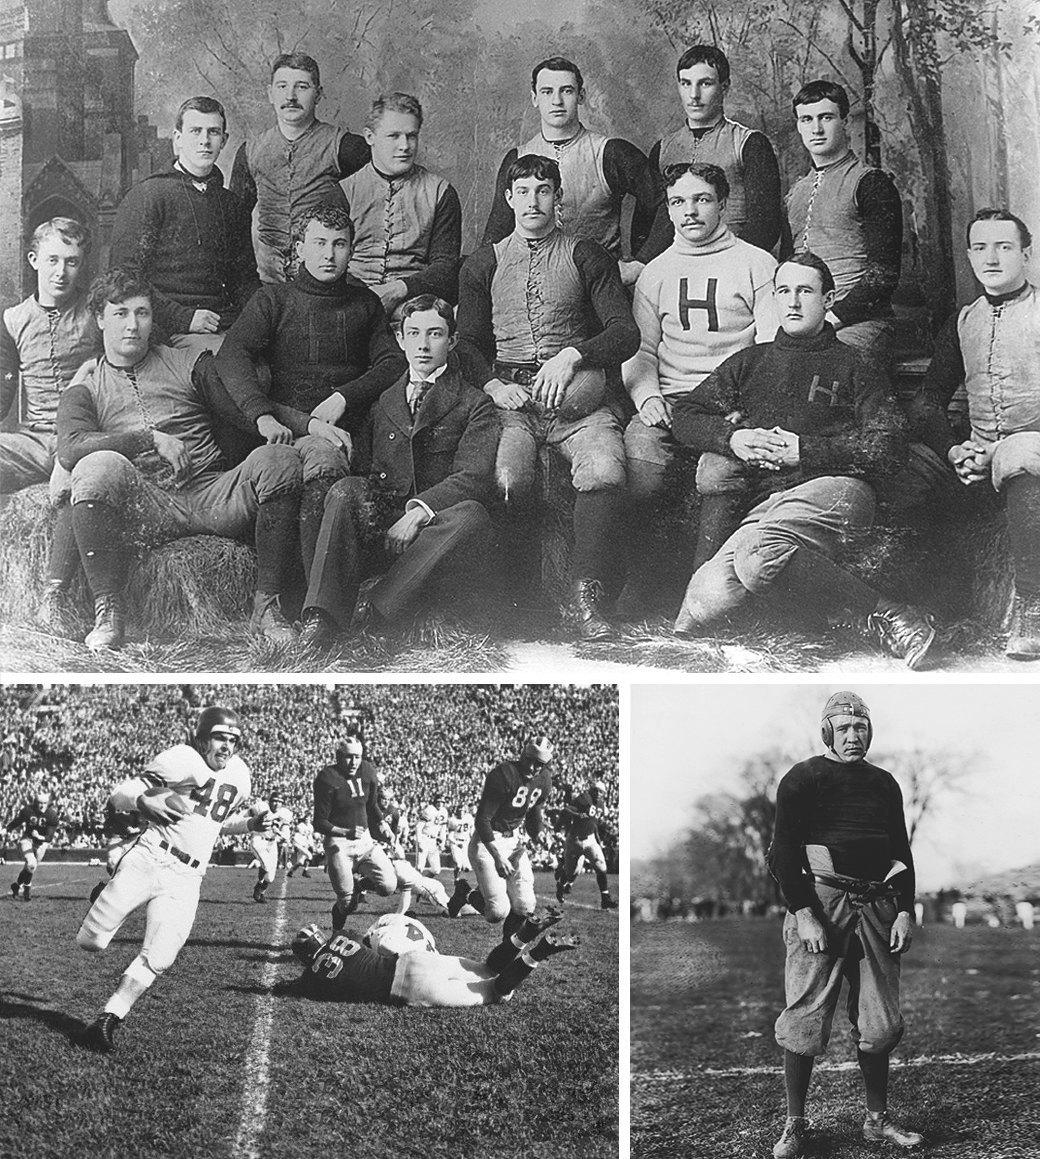 История, правила и команды американского футбола. Изображение № 2.